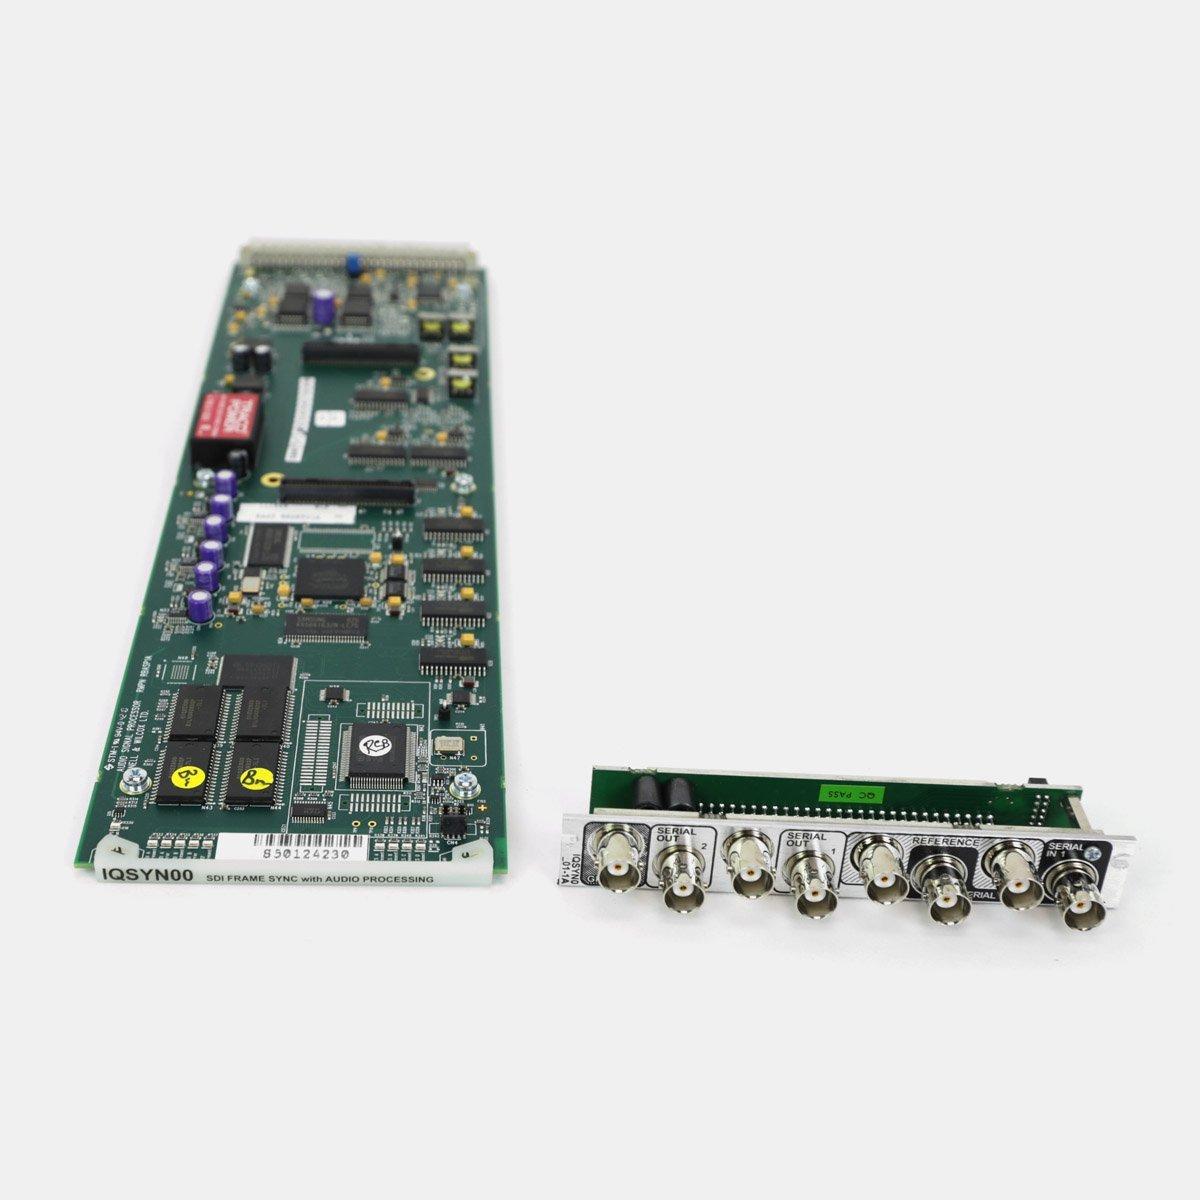 Used Snell IQSYN00 HD-SDI Frame Sync